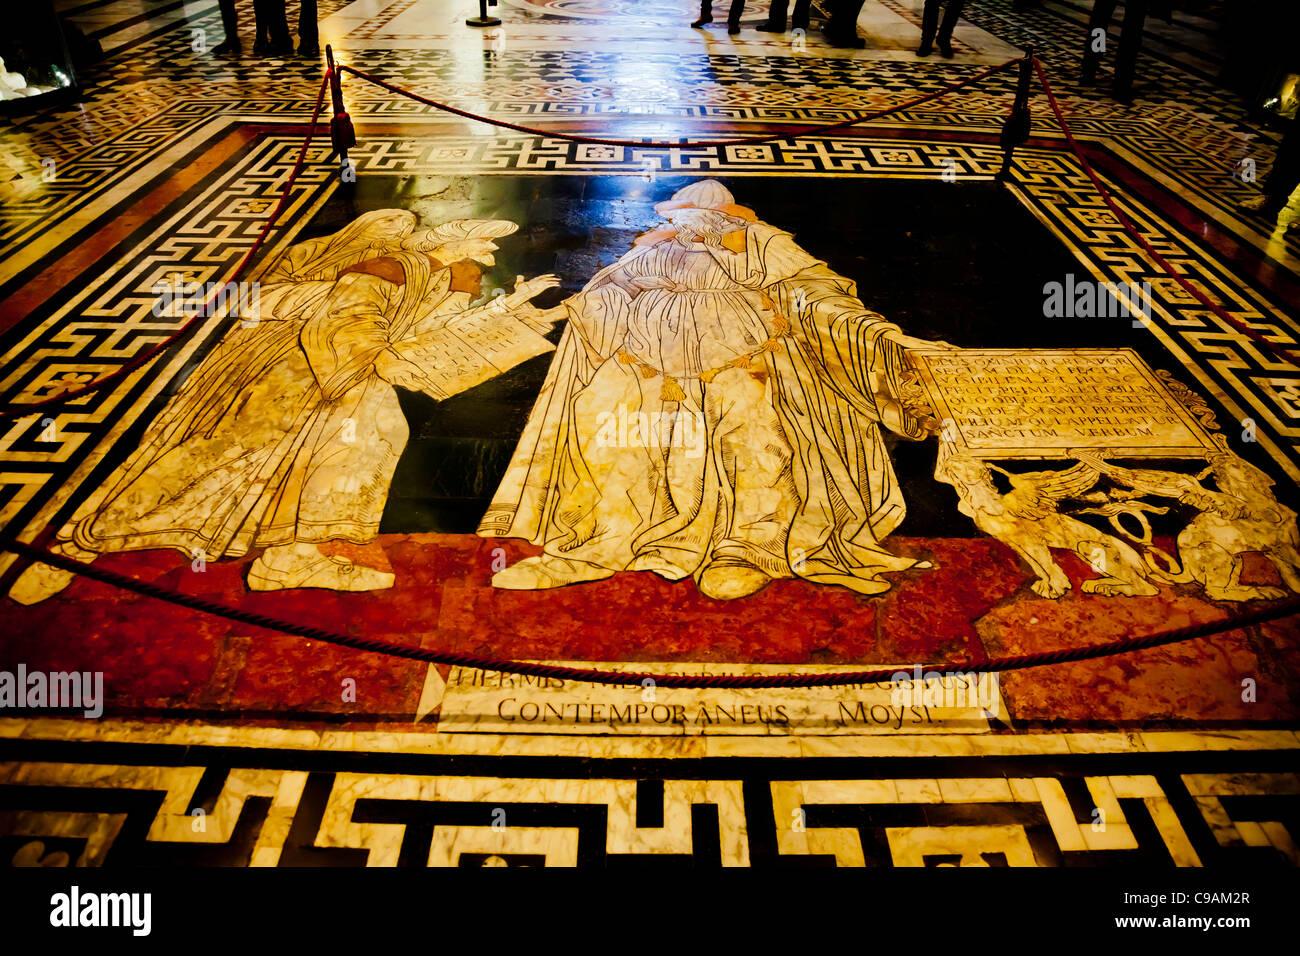 Hermes Trismegisto, fundador de la sabiduría humana (1488) de Giovanni di Stefano. Parte del pavimento medieval Imagen De Stock